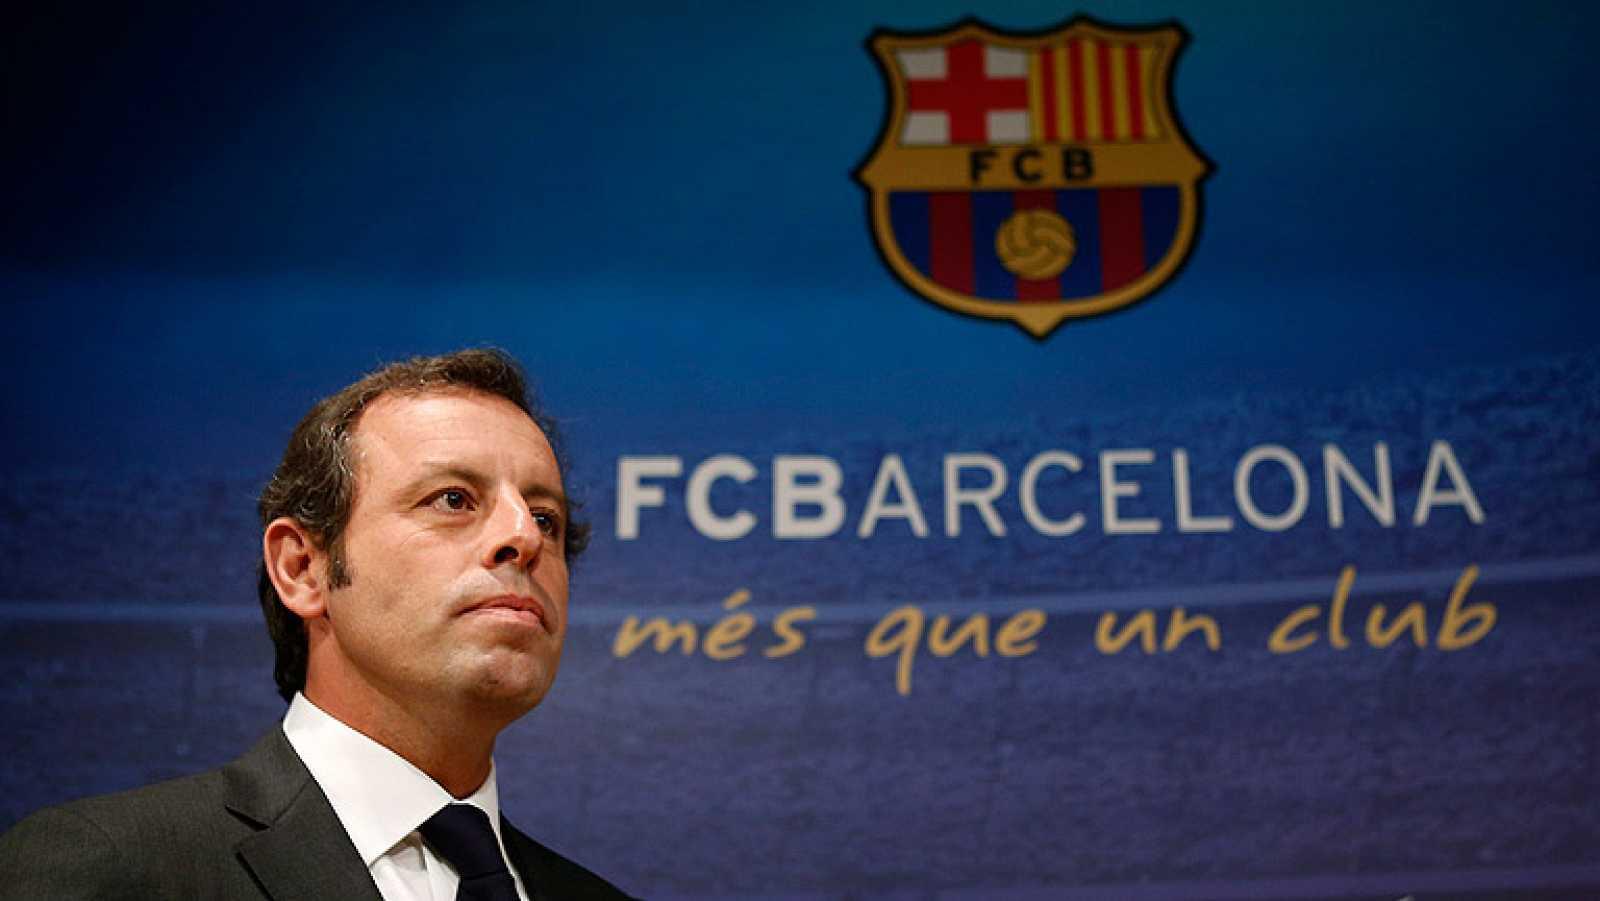 Sandro Rosell ha dejado de ser presidente del Barcelona tras anunciar su dimisión irrevocable motivada por la querella interpuesta por el fichaje de Neymar.